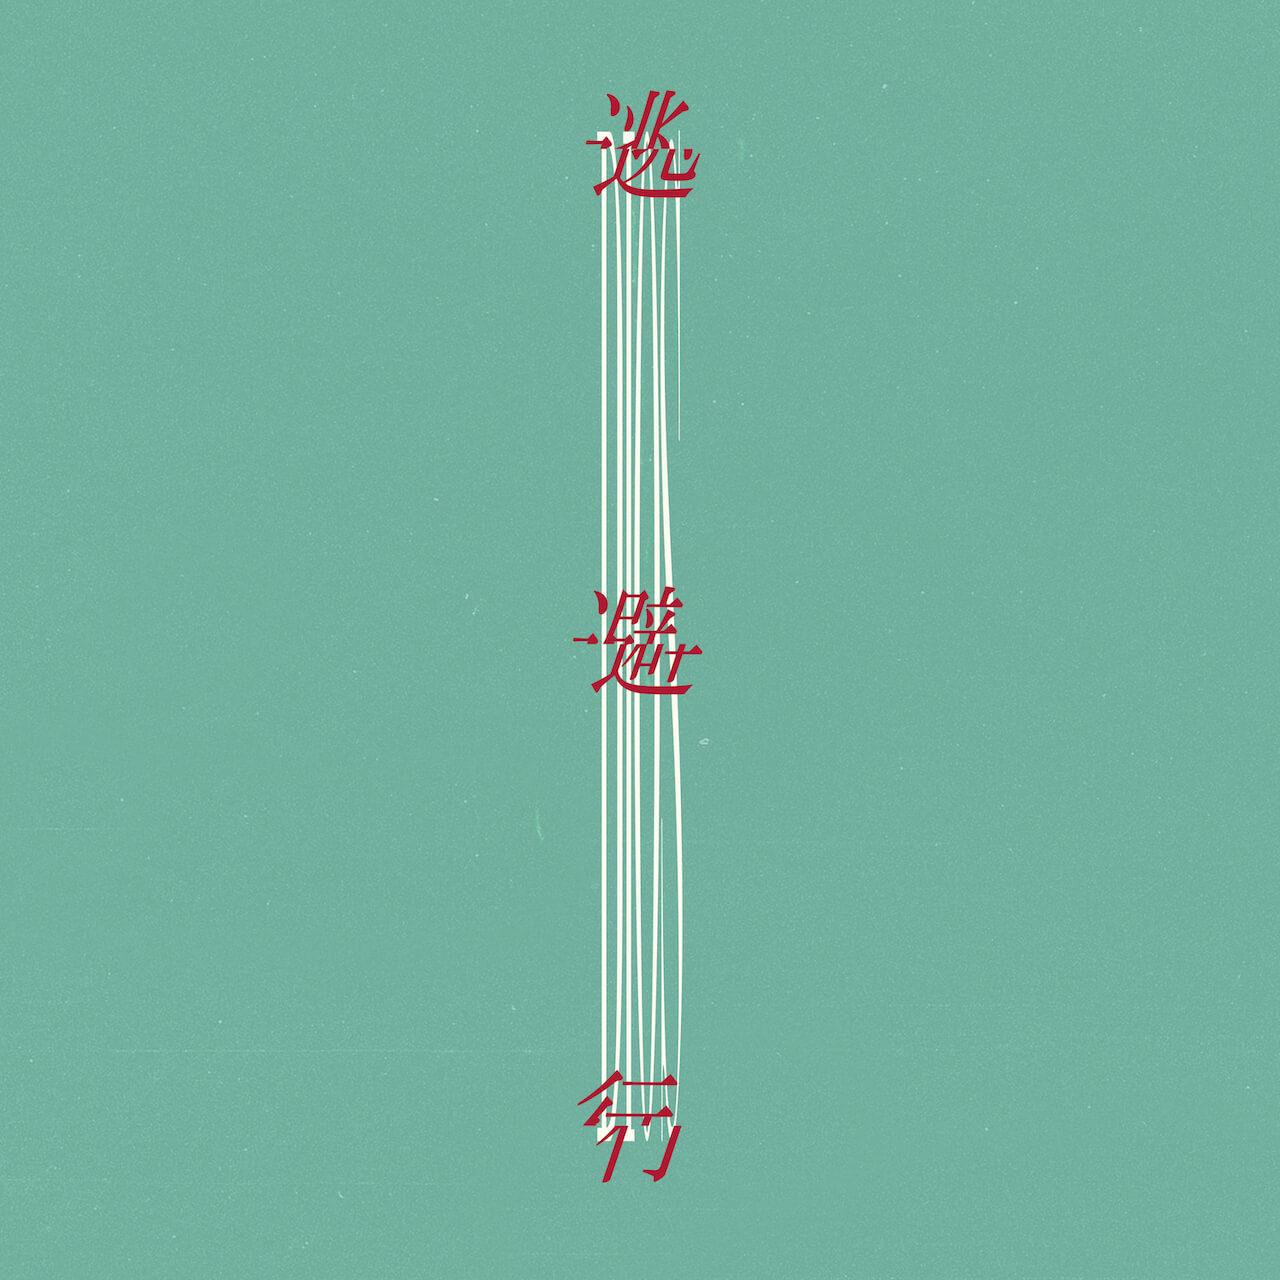 たなか(前職・ぼくのりりっくのぼうよみ)、Ichika Nito、ササノマリイによる新バンドDiosが結成。1stシングル「逃避行」が配信スタート music210331-dios-3